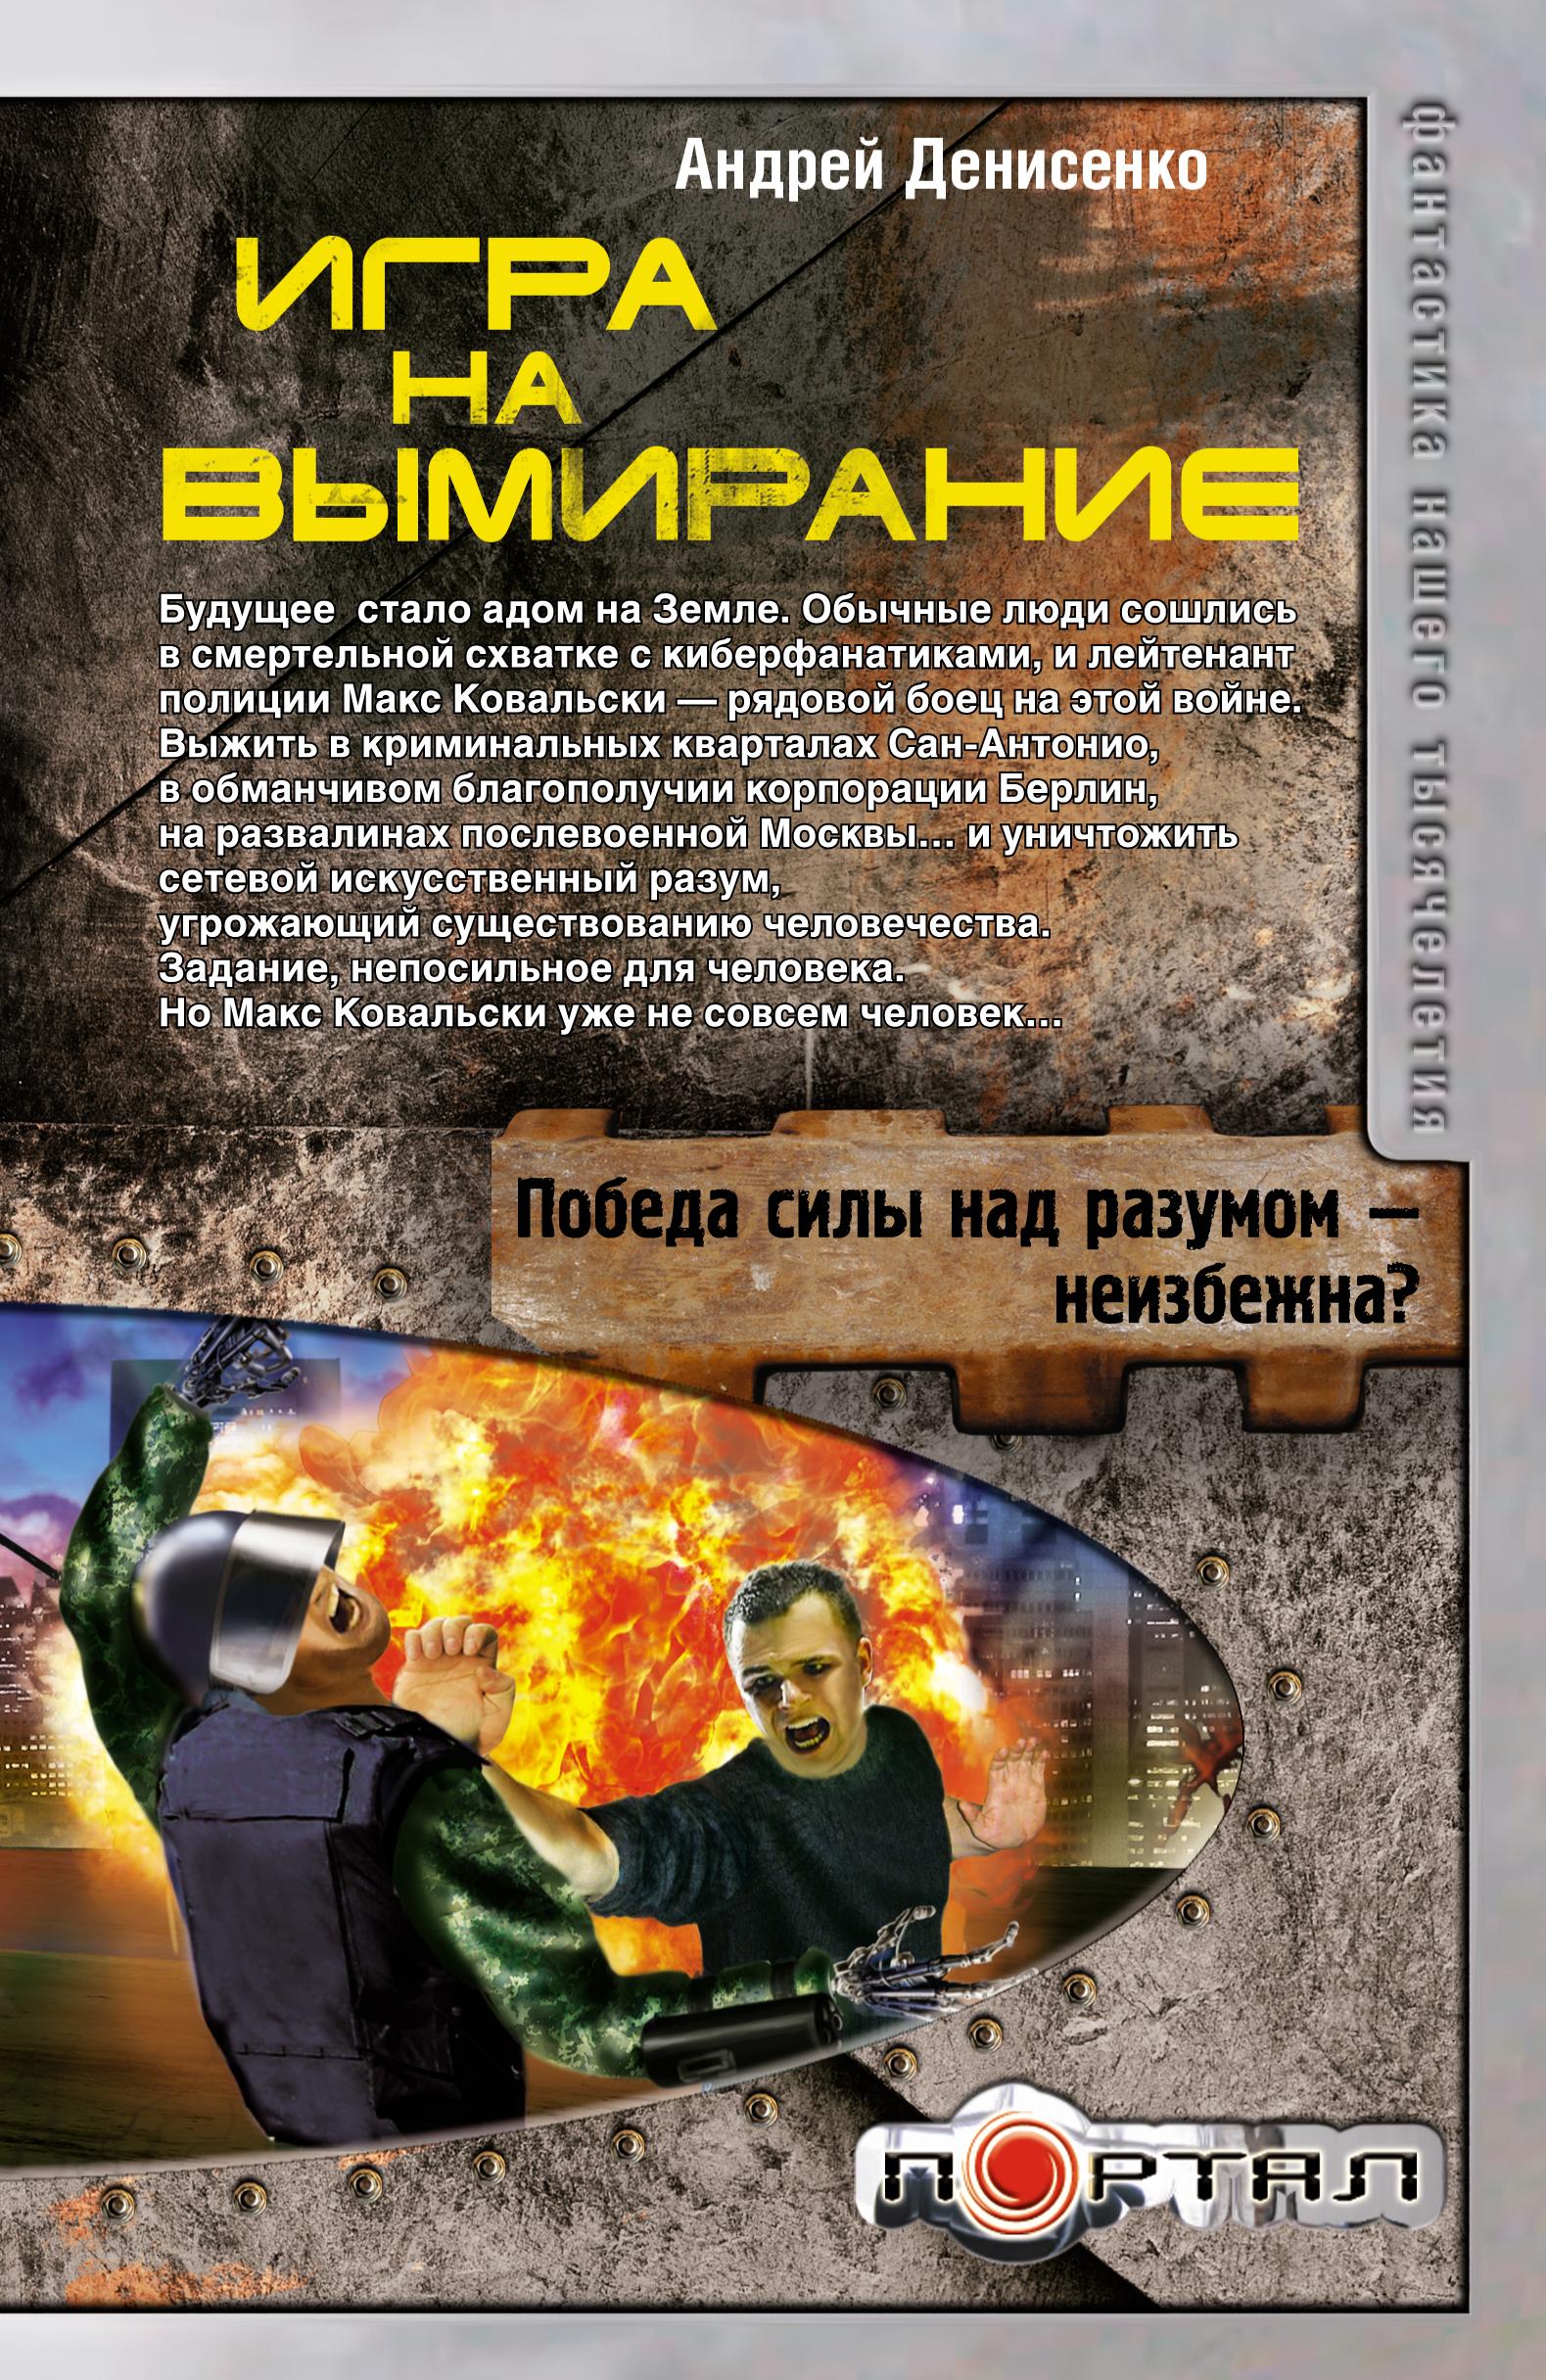 Андрей Денисенко Игра на вымирание youtube в полиции 2017 11 12t19 00